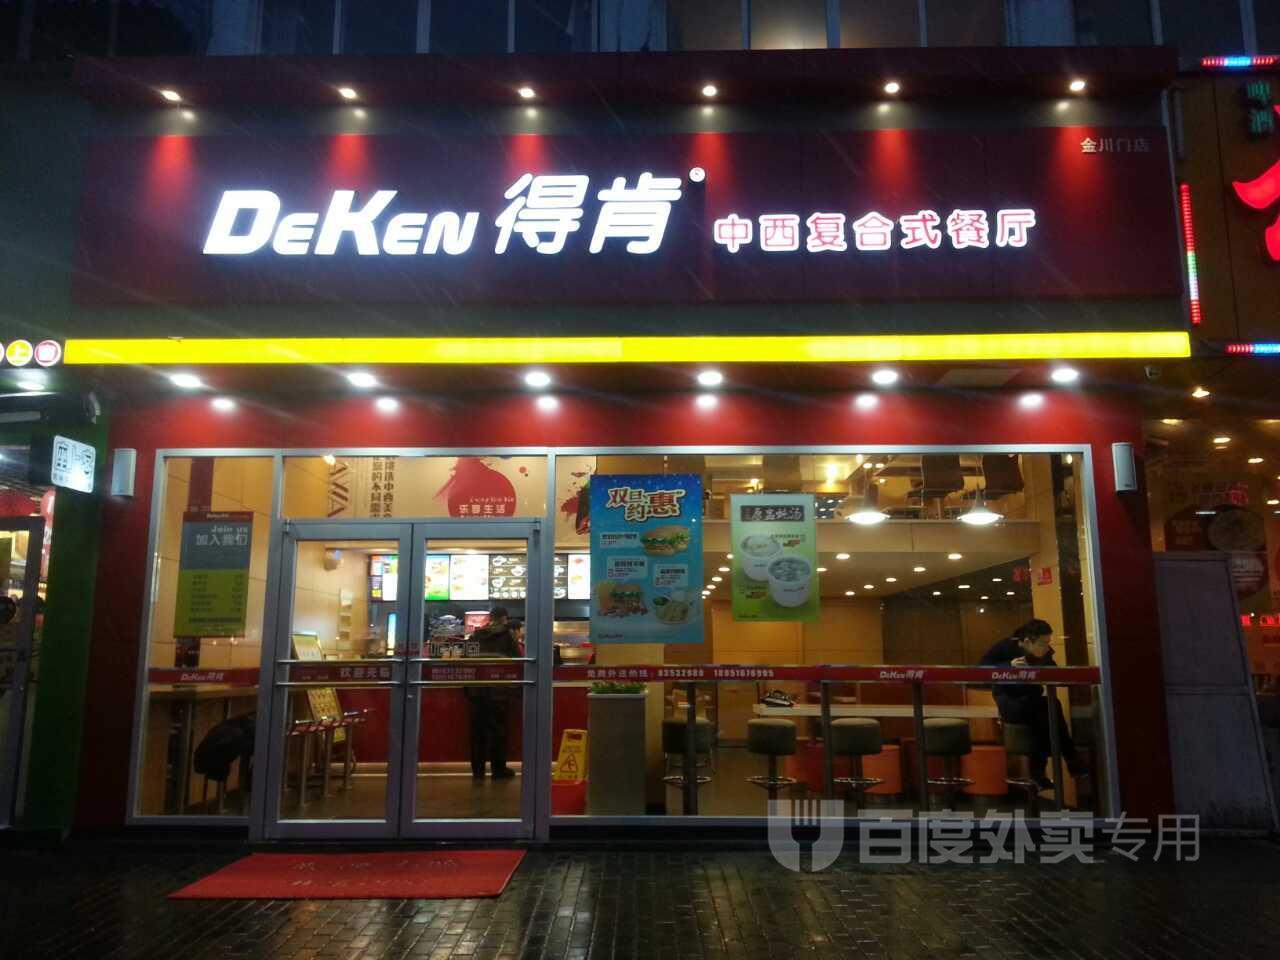 得肯中西复合式餐厅(金川门店)图片